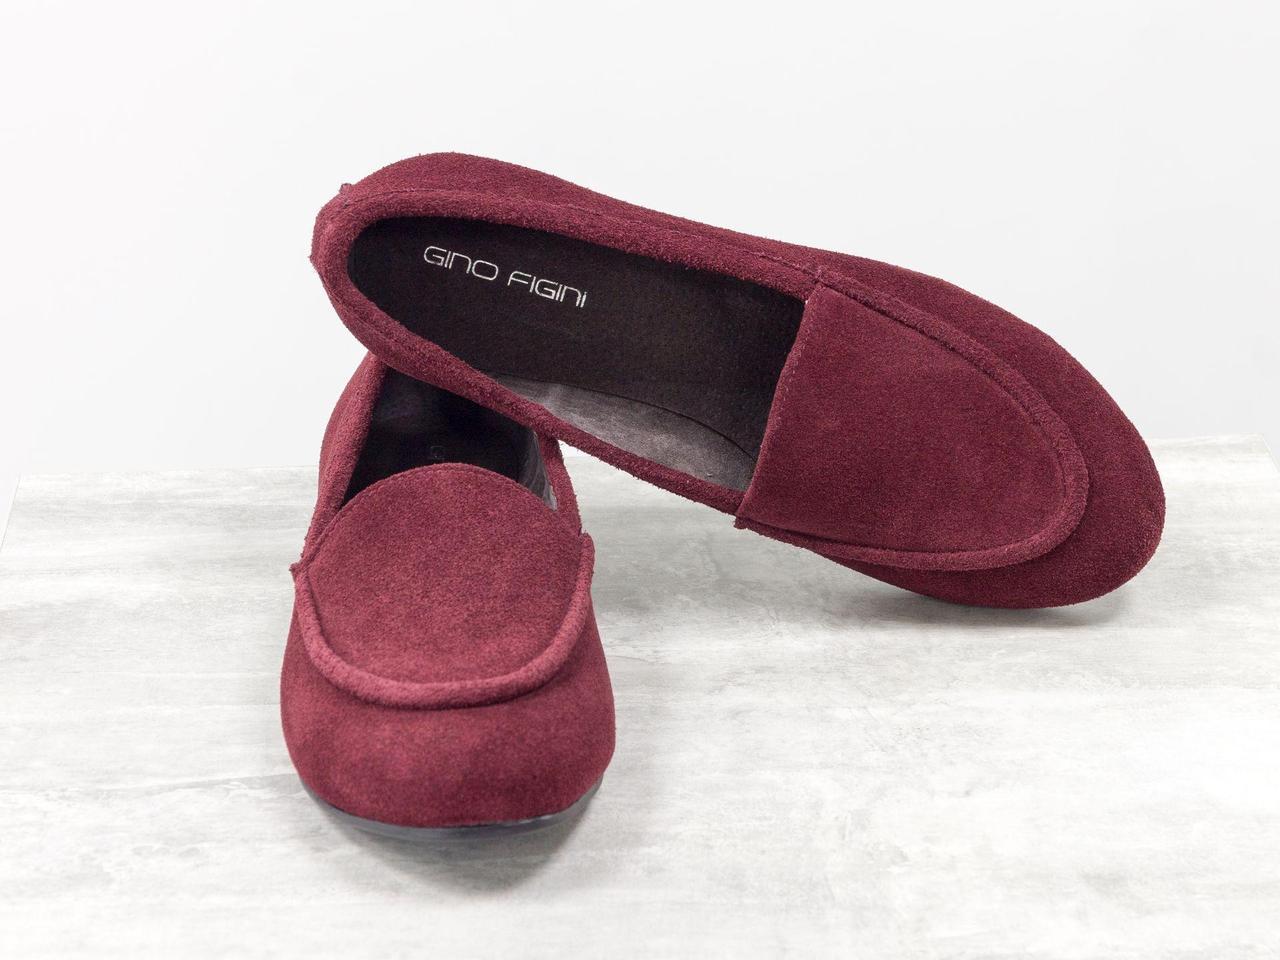 Легкие замшевые туфли шикарного винного оттенка бордового цвета, на низком ходу